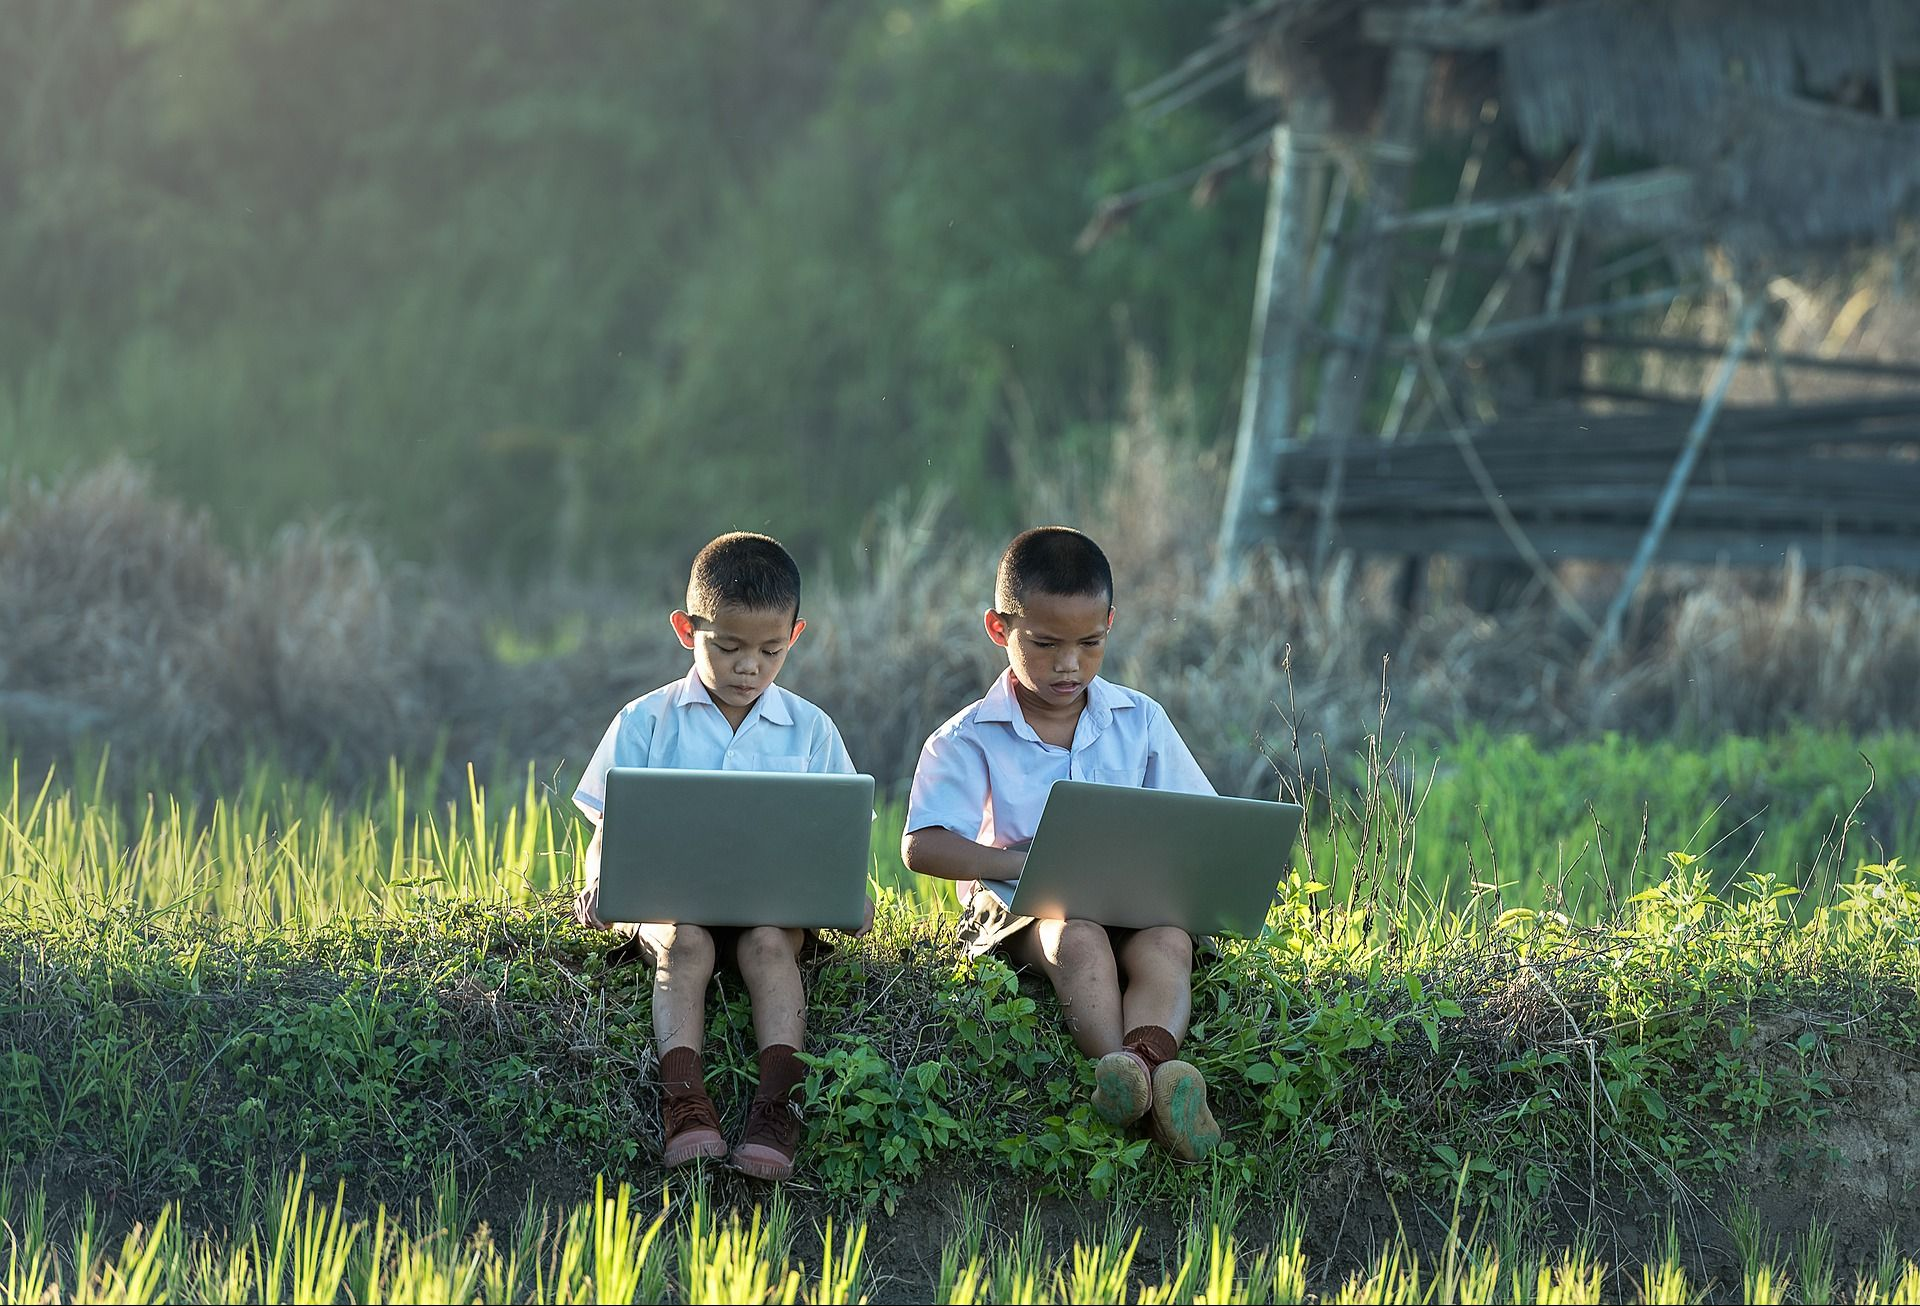 Российские власти расширят список запрещенной для детей информации